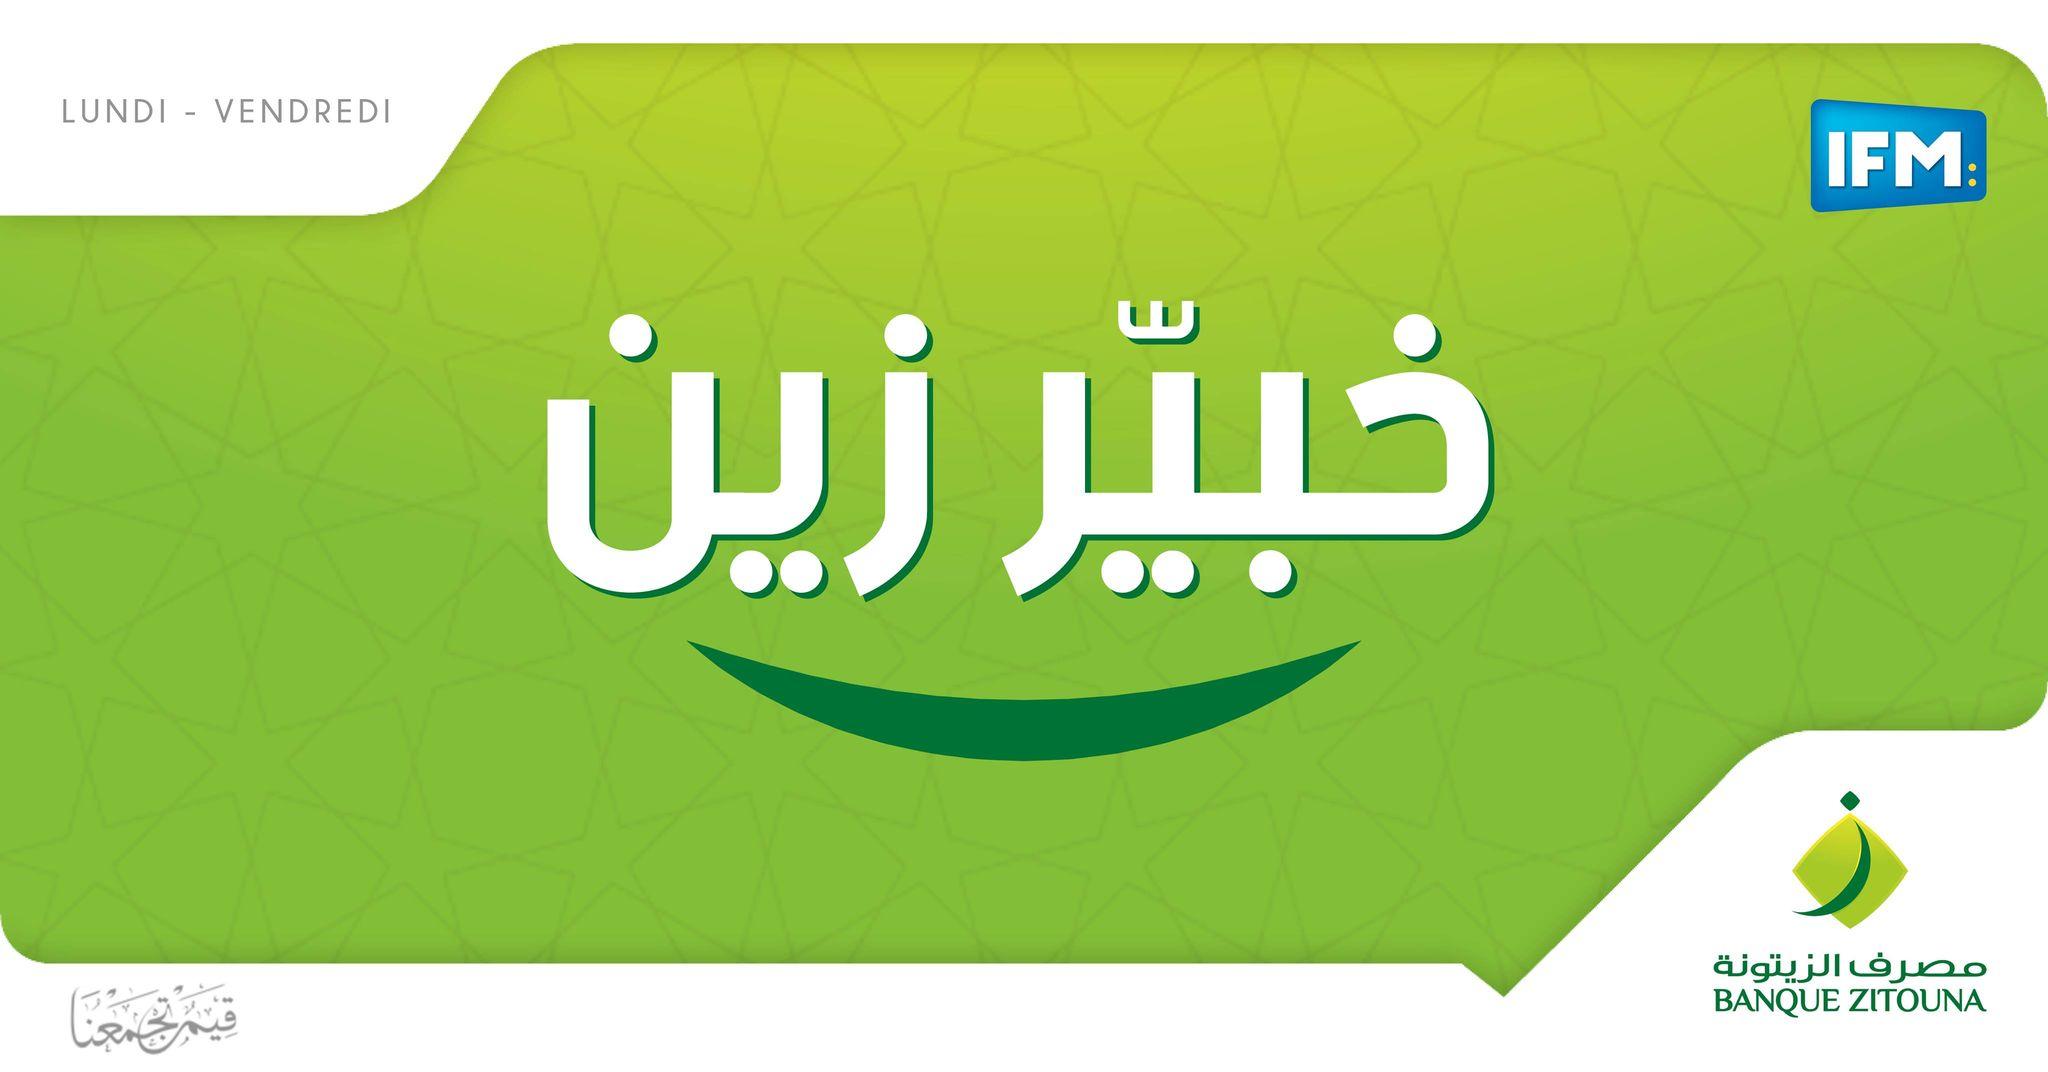 راف ماغ 🌿خبيّر زين مع مصرف الزيتونة🌿               تدشين الطريق السريع الجديد الرابط بين تونس و سليانة